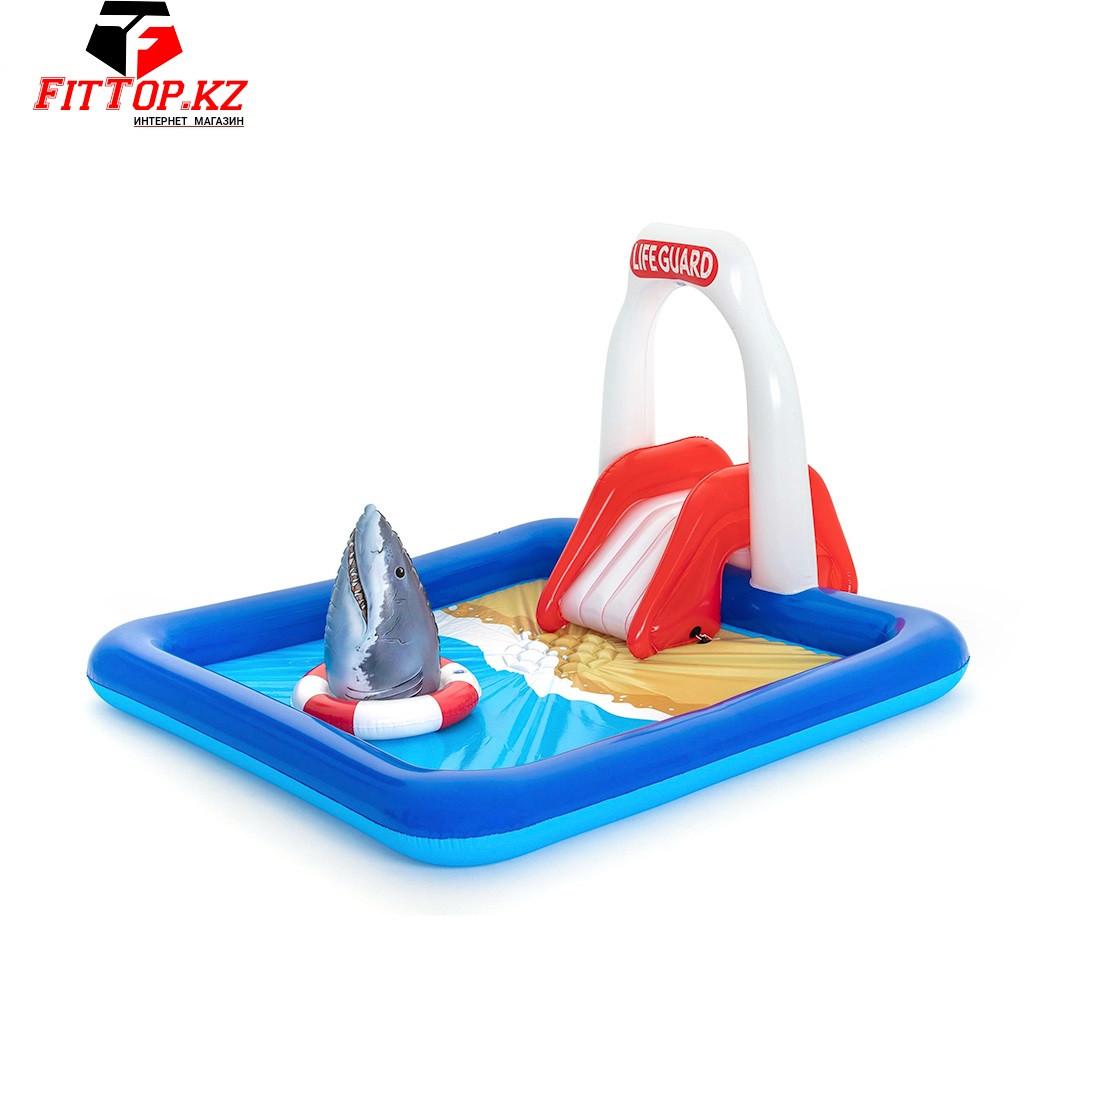 Детский надувной игровой бассейн Lifeguard Tower 234 x 203 x 129 см, BESTWAY, 53079